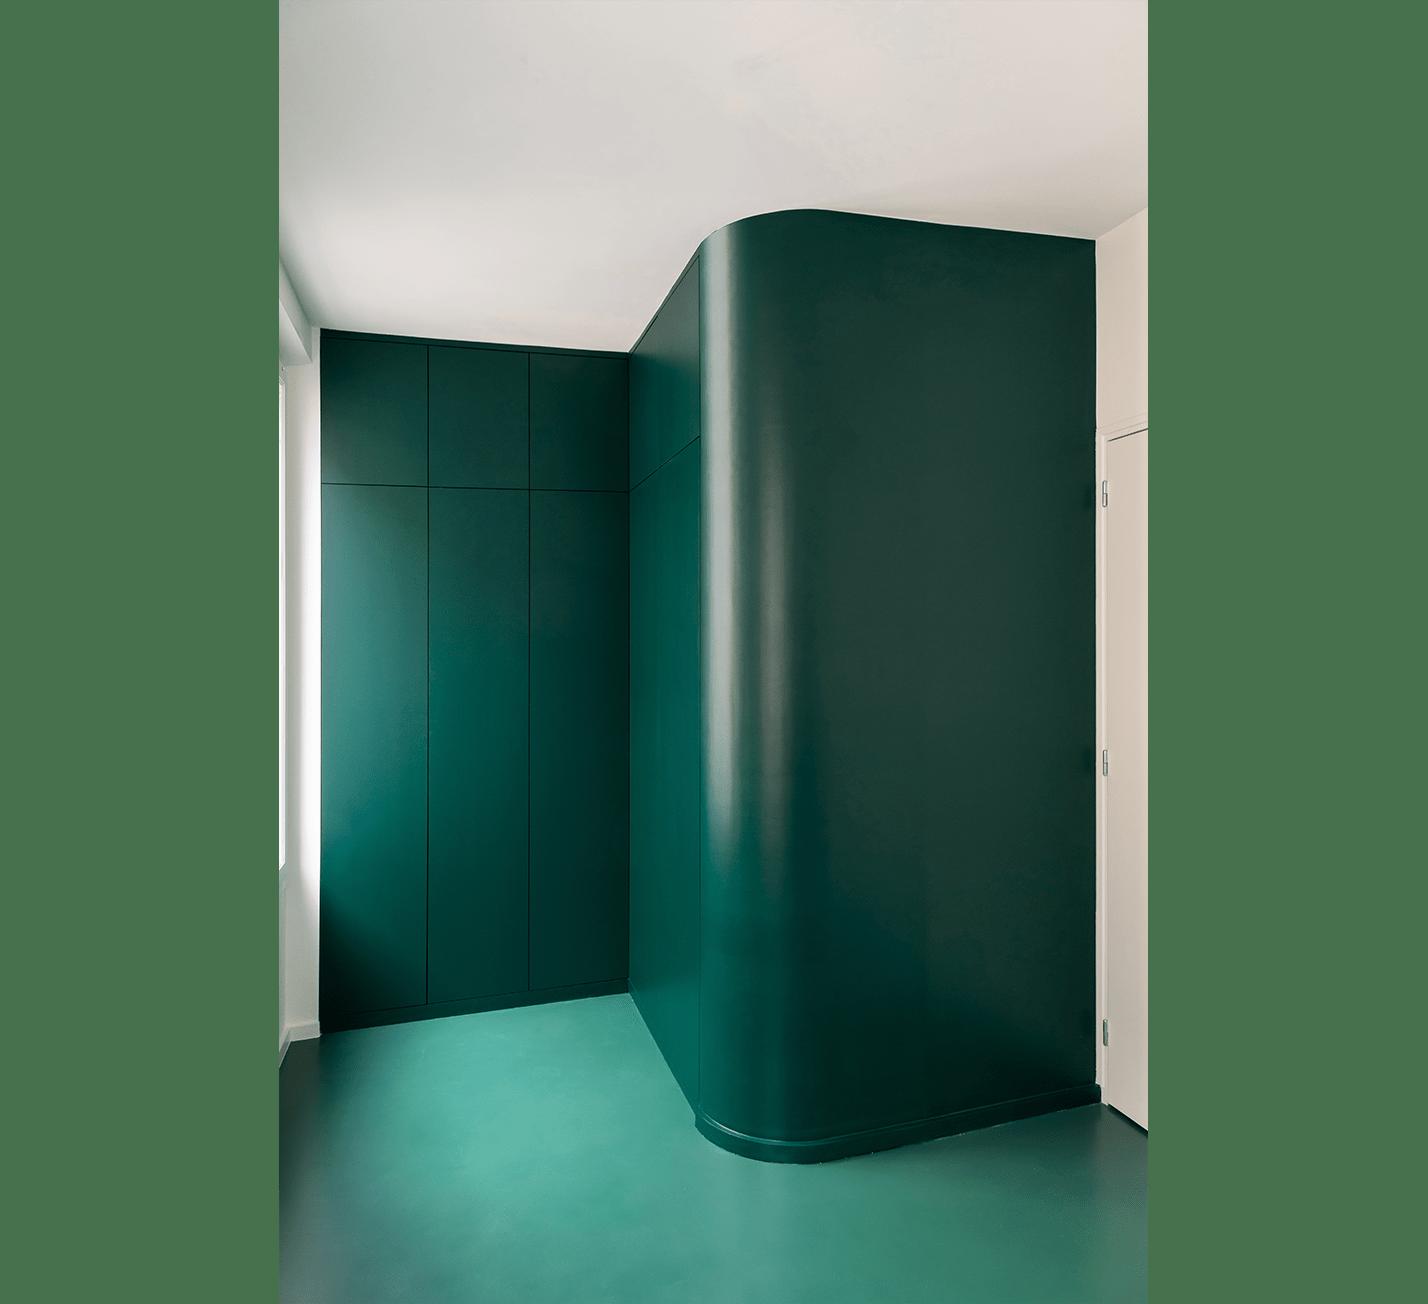 Projet-Georges-Atelier-Steve-Pauline-Borgia-Architecte-interieur-07-min